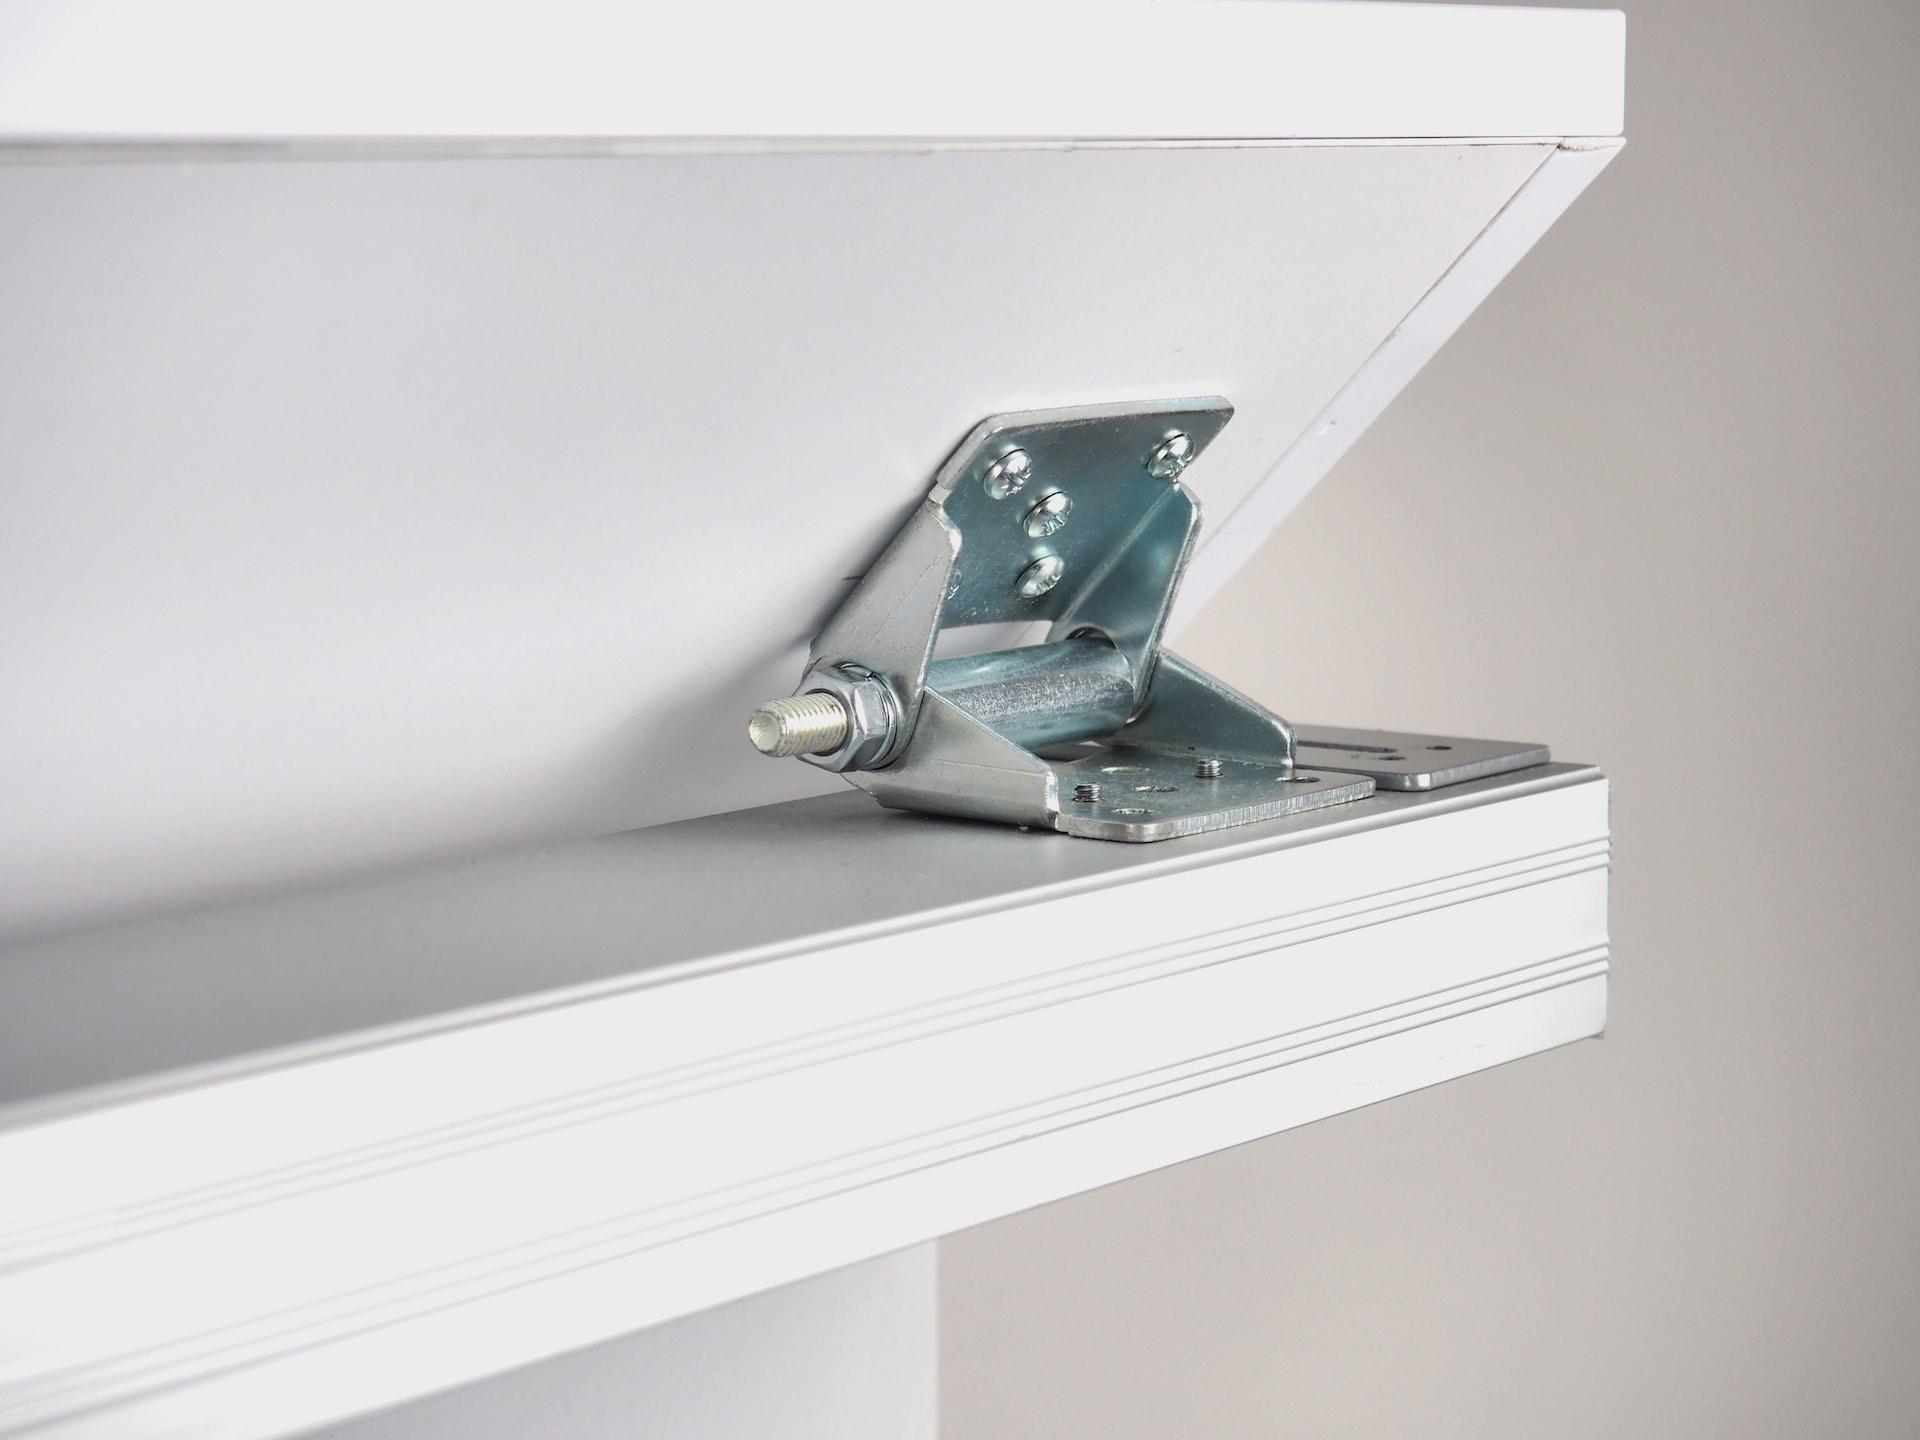 Schiebetür Halter für Montage unter Dachschräge Foto